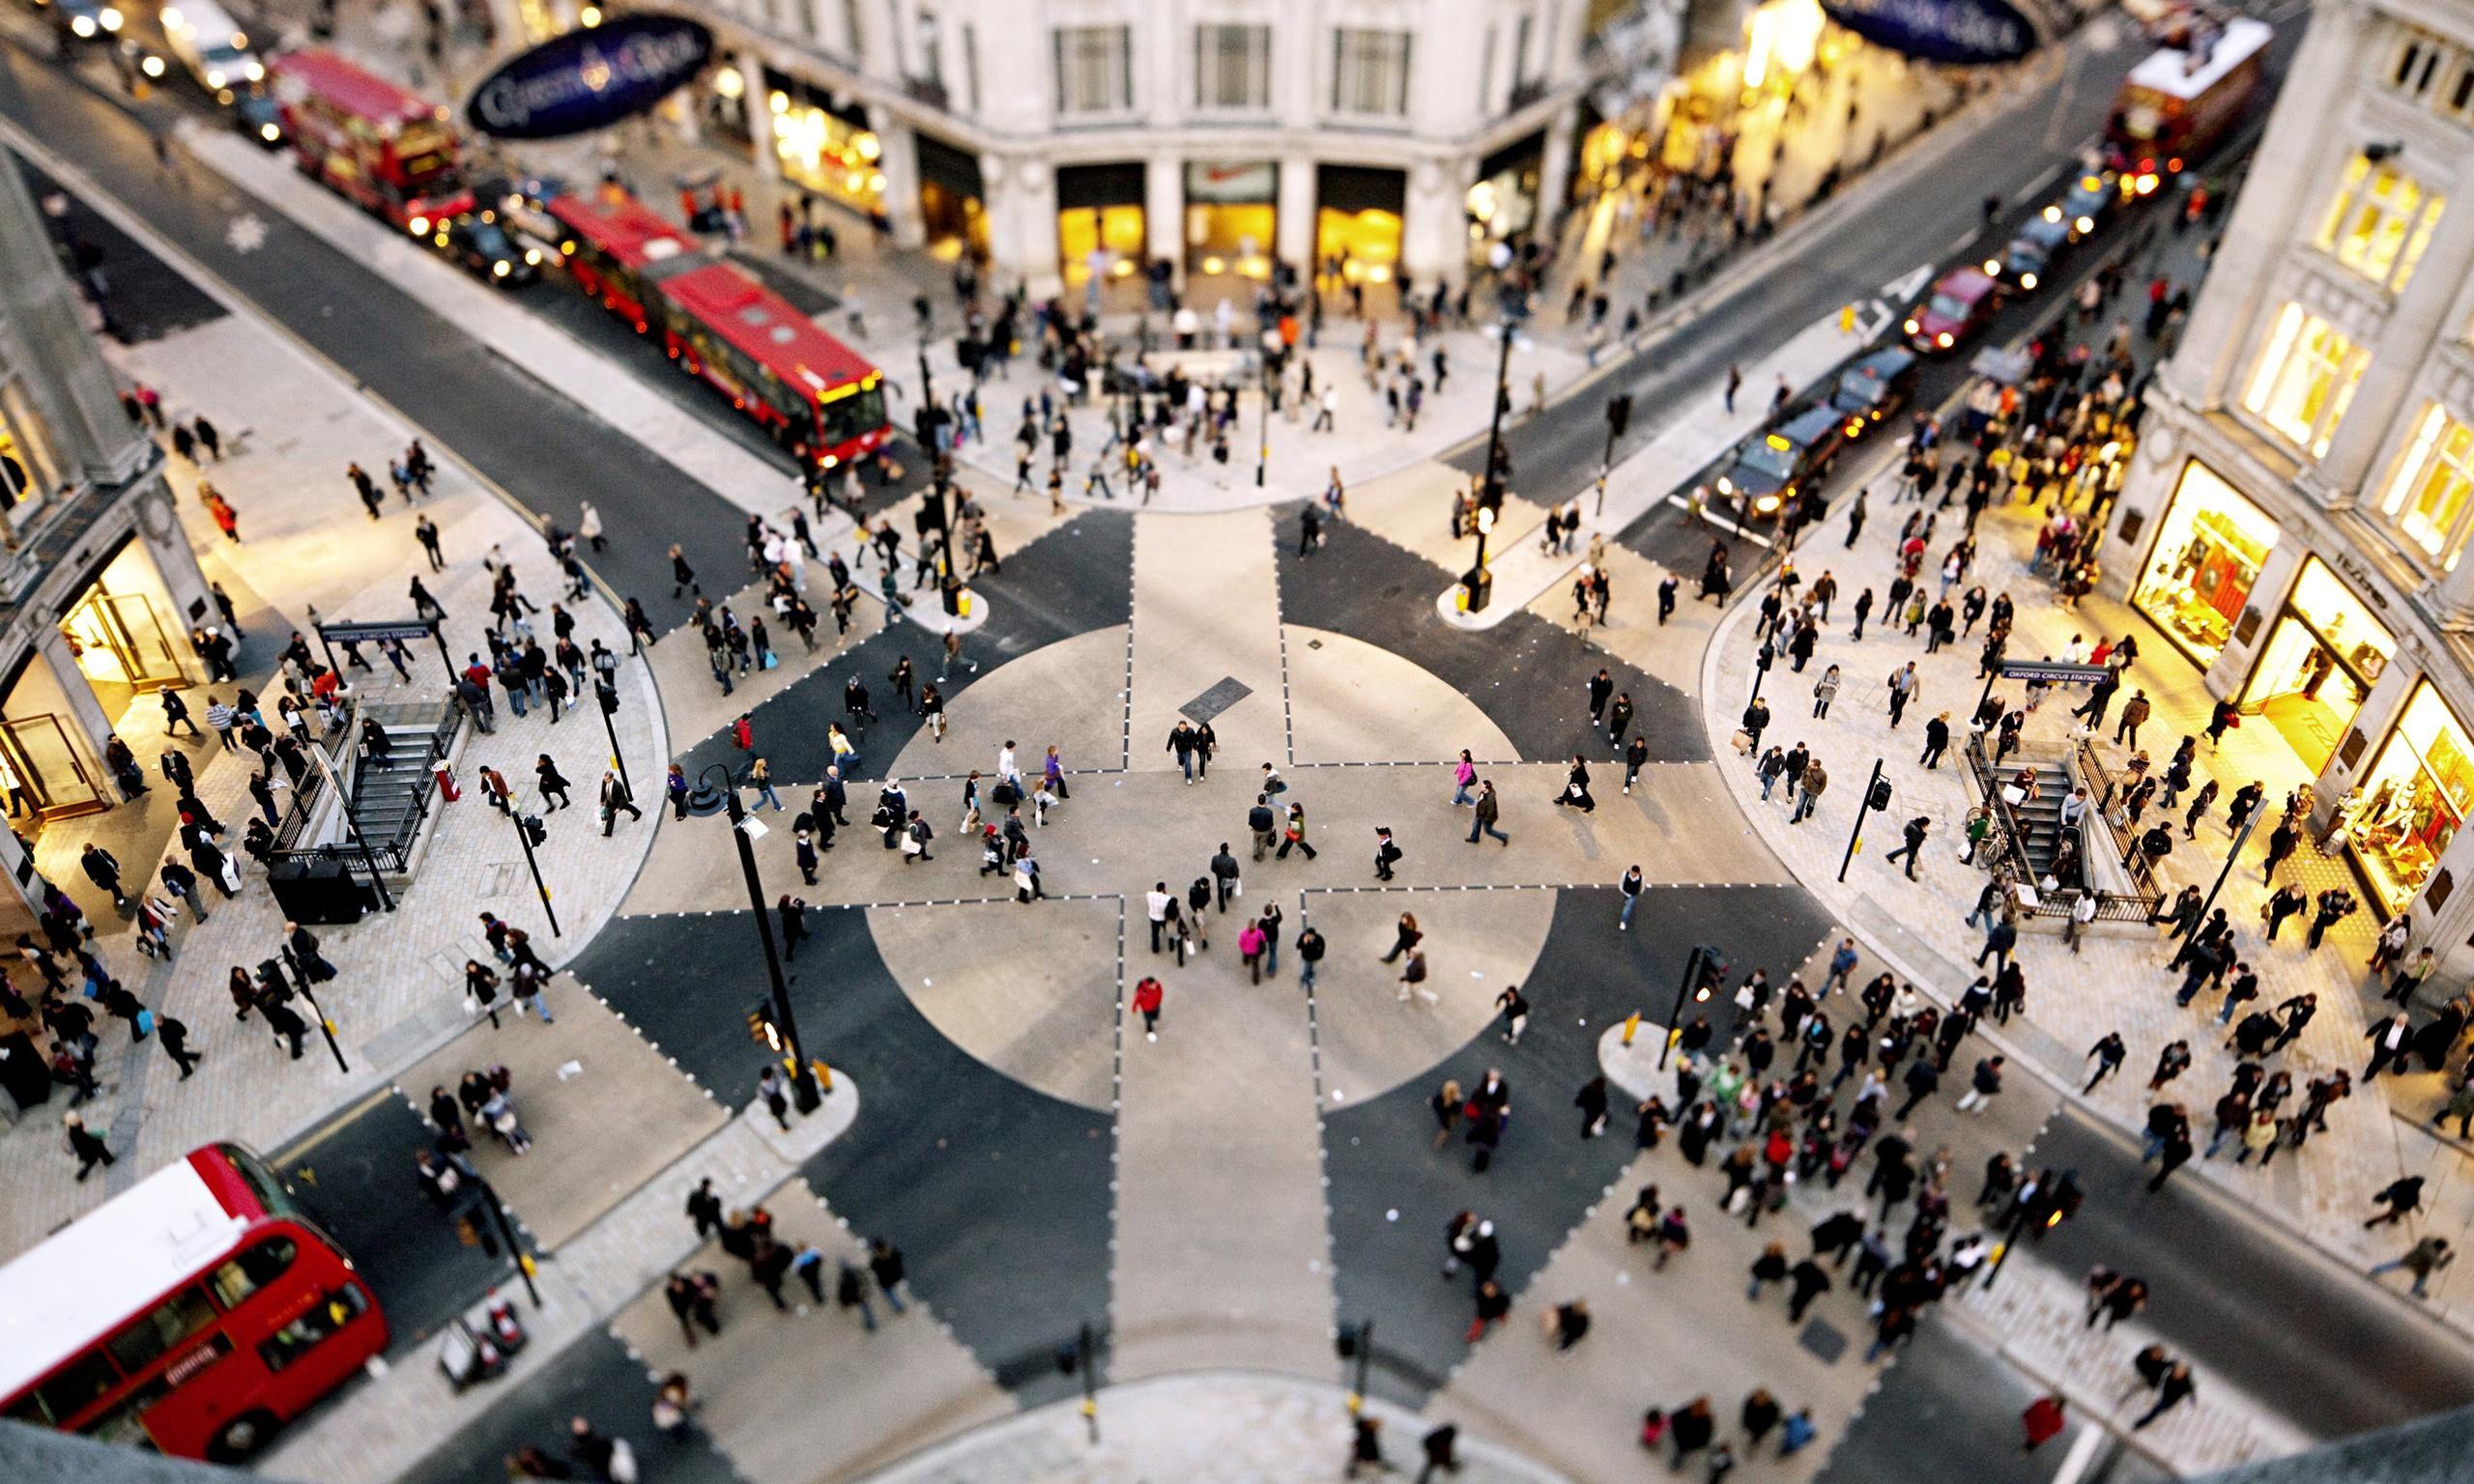 Pedestrian scramble phase, Oxford Street, London, UK. More